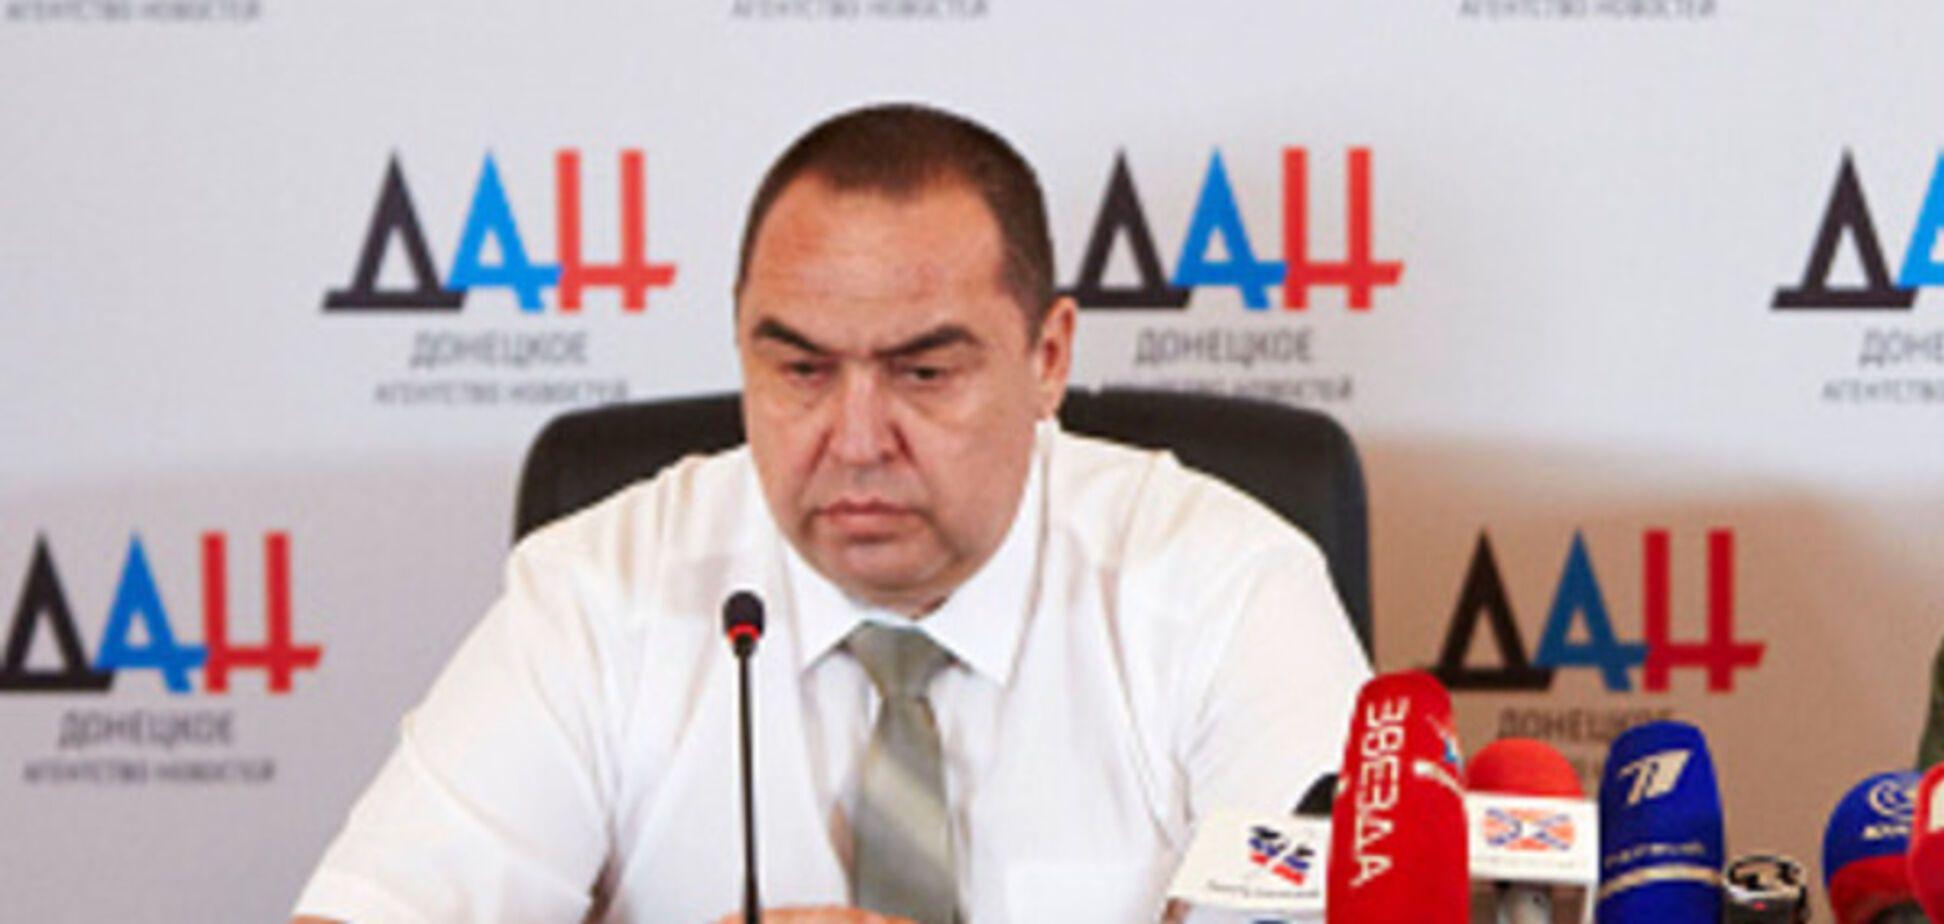 Ігор Плотницкий